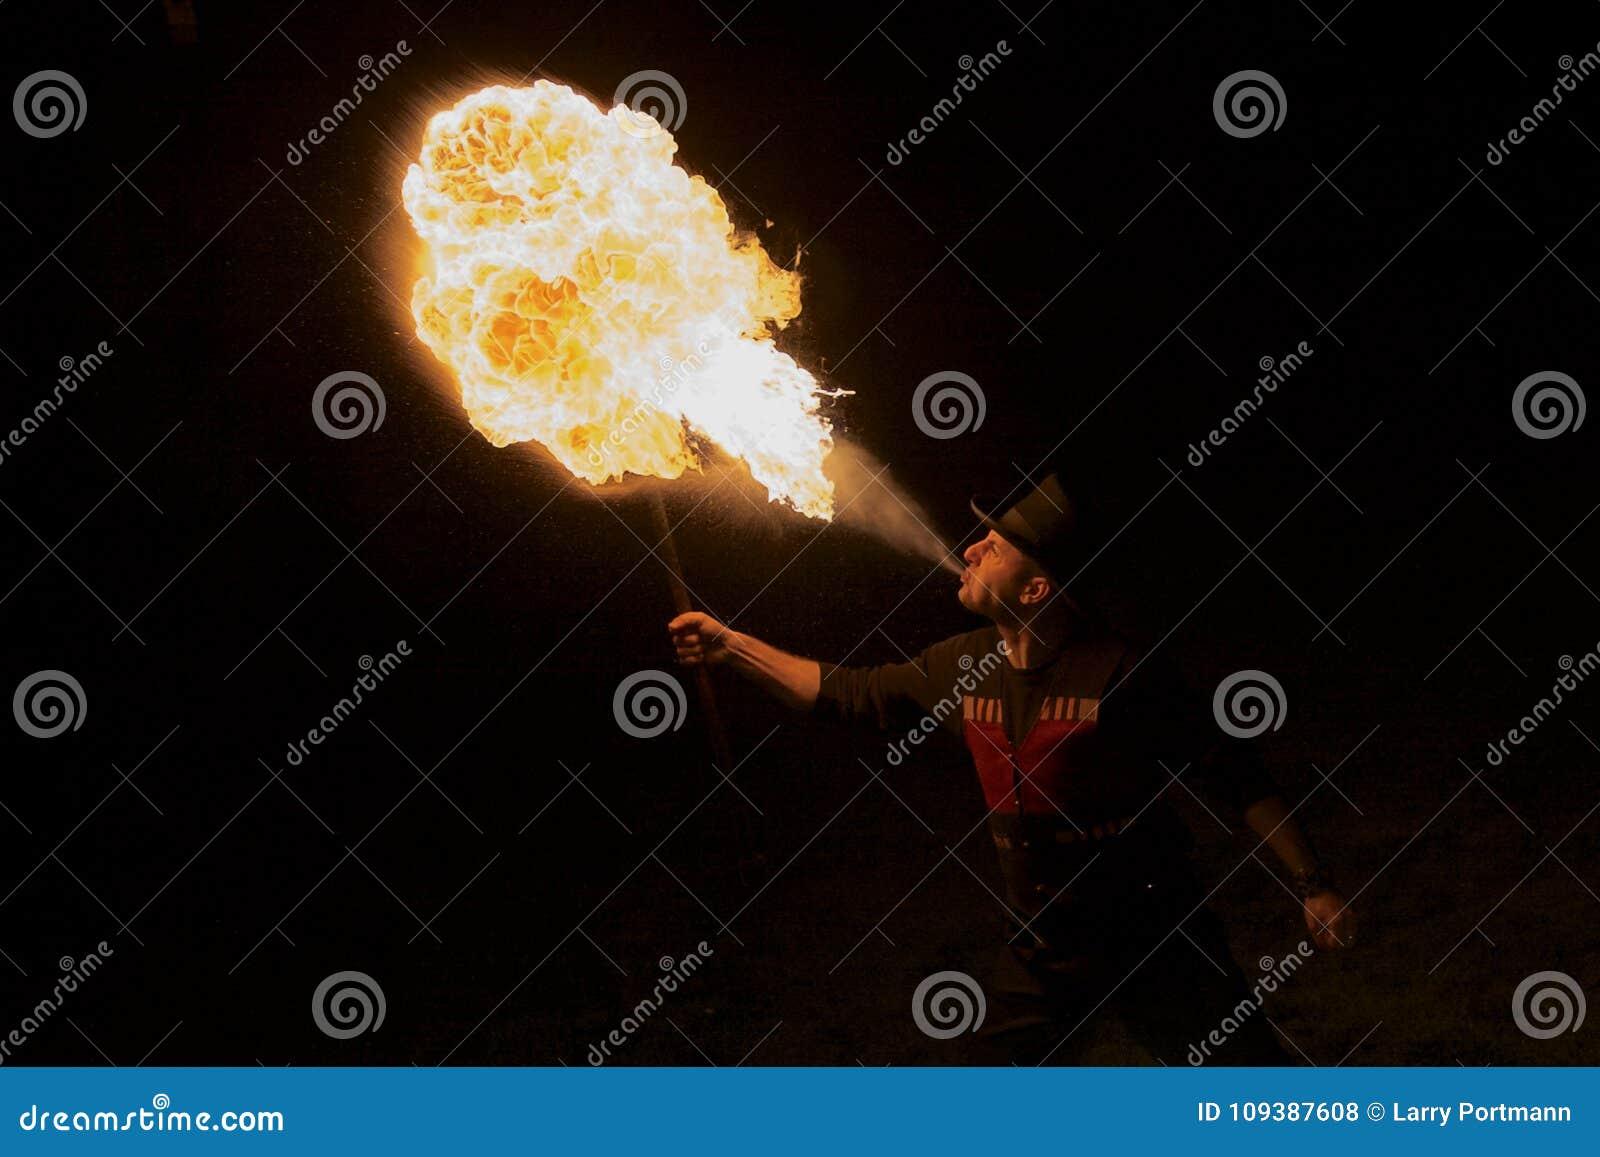 Park Entertainer Breathes Fire